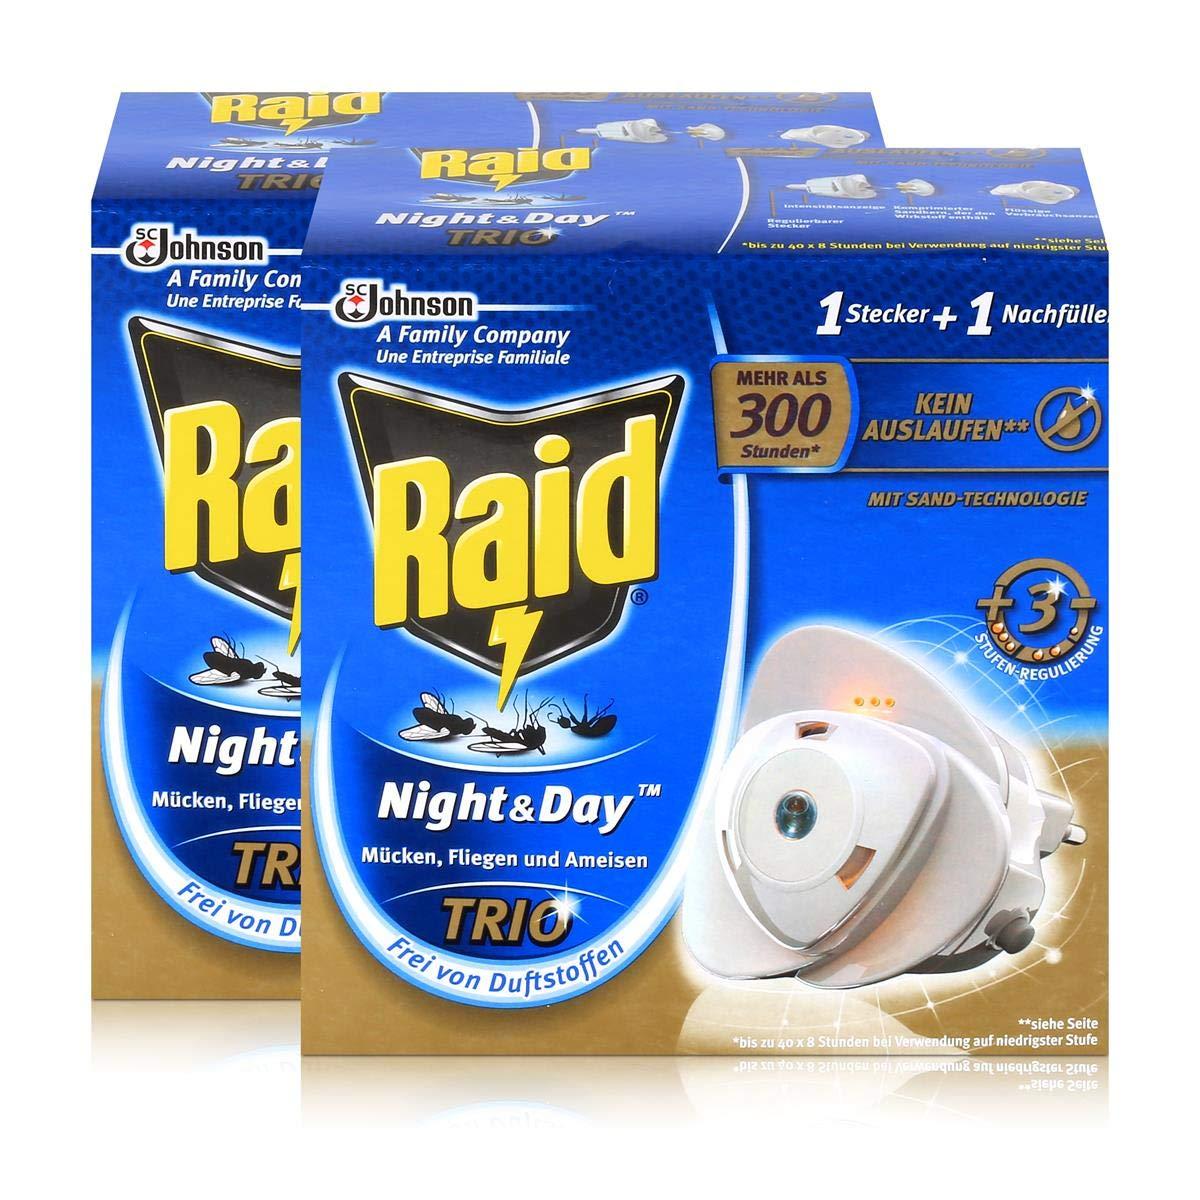 2x Raid Night & Day Trio Insekten Stecker & Nachfüller, gegen Mücken, Fliegen & Ameisen gegen Mücken